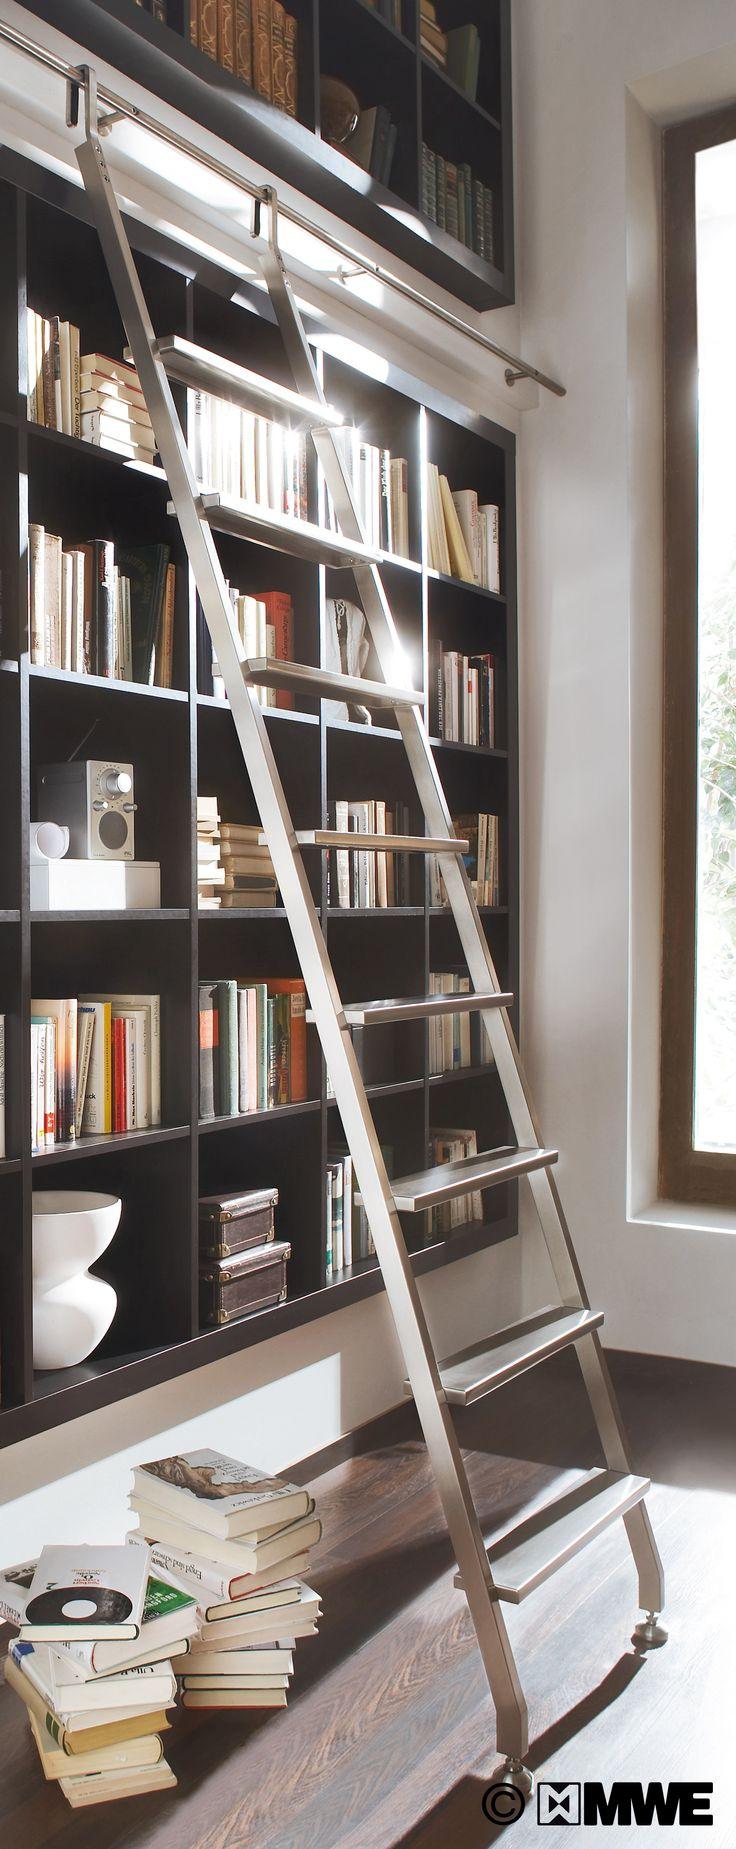 AKZENT hook ladder manufactured by MWE // Designed by Mario Wille // www.mwe.de/en/sliding-ladders/hook-ladders/hook-ladder-akzent